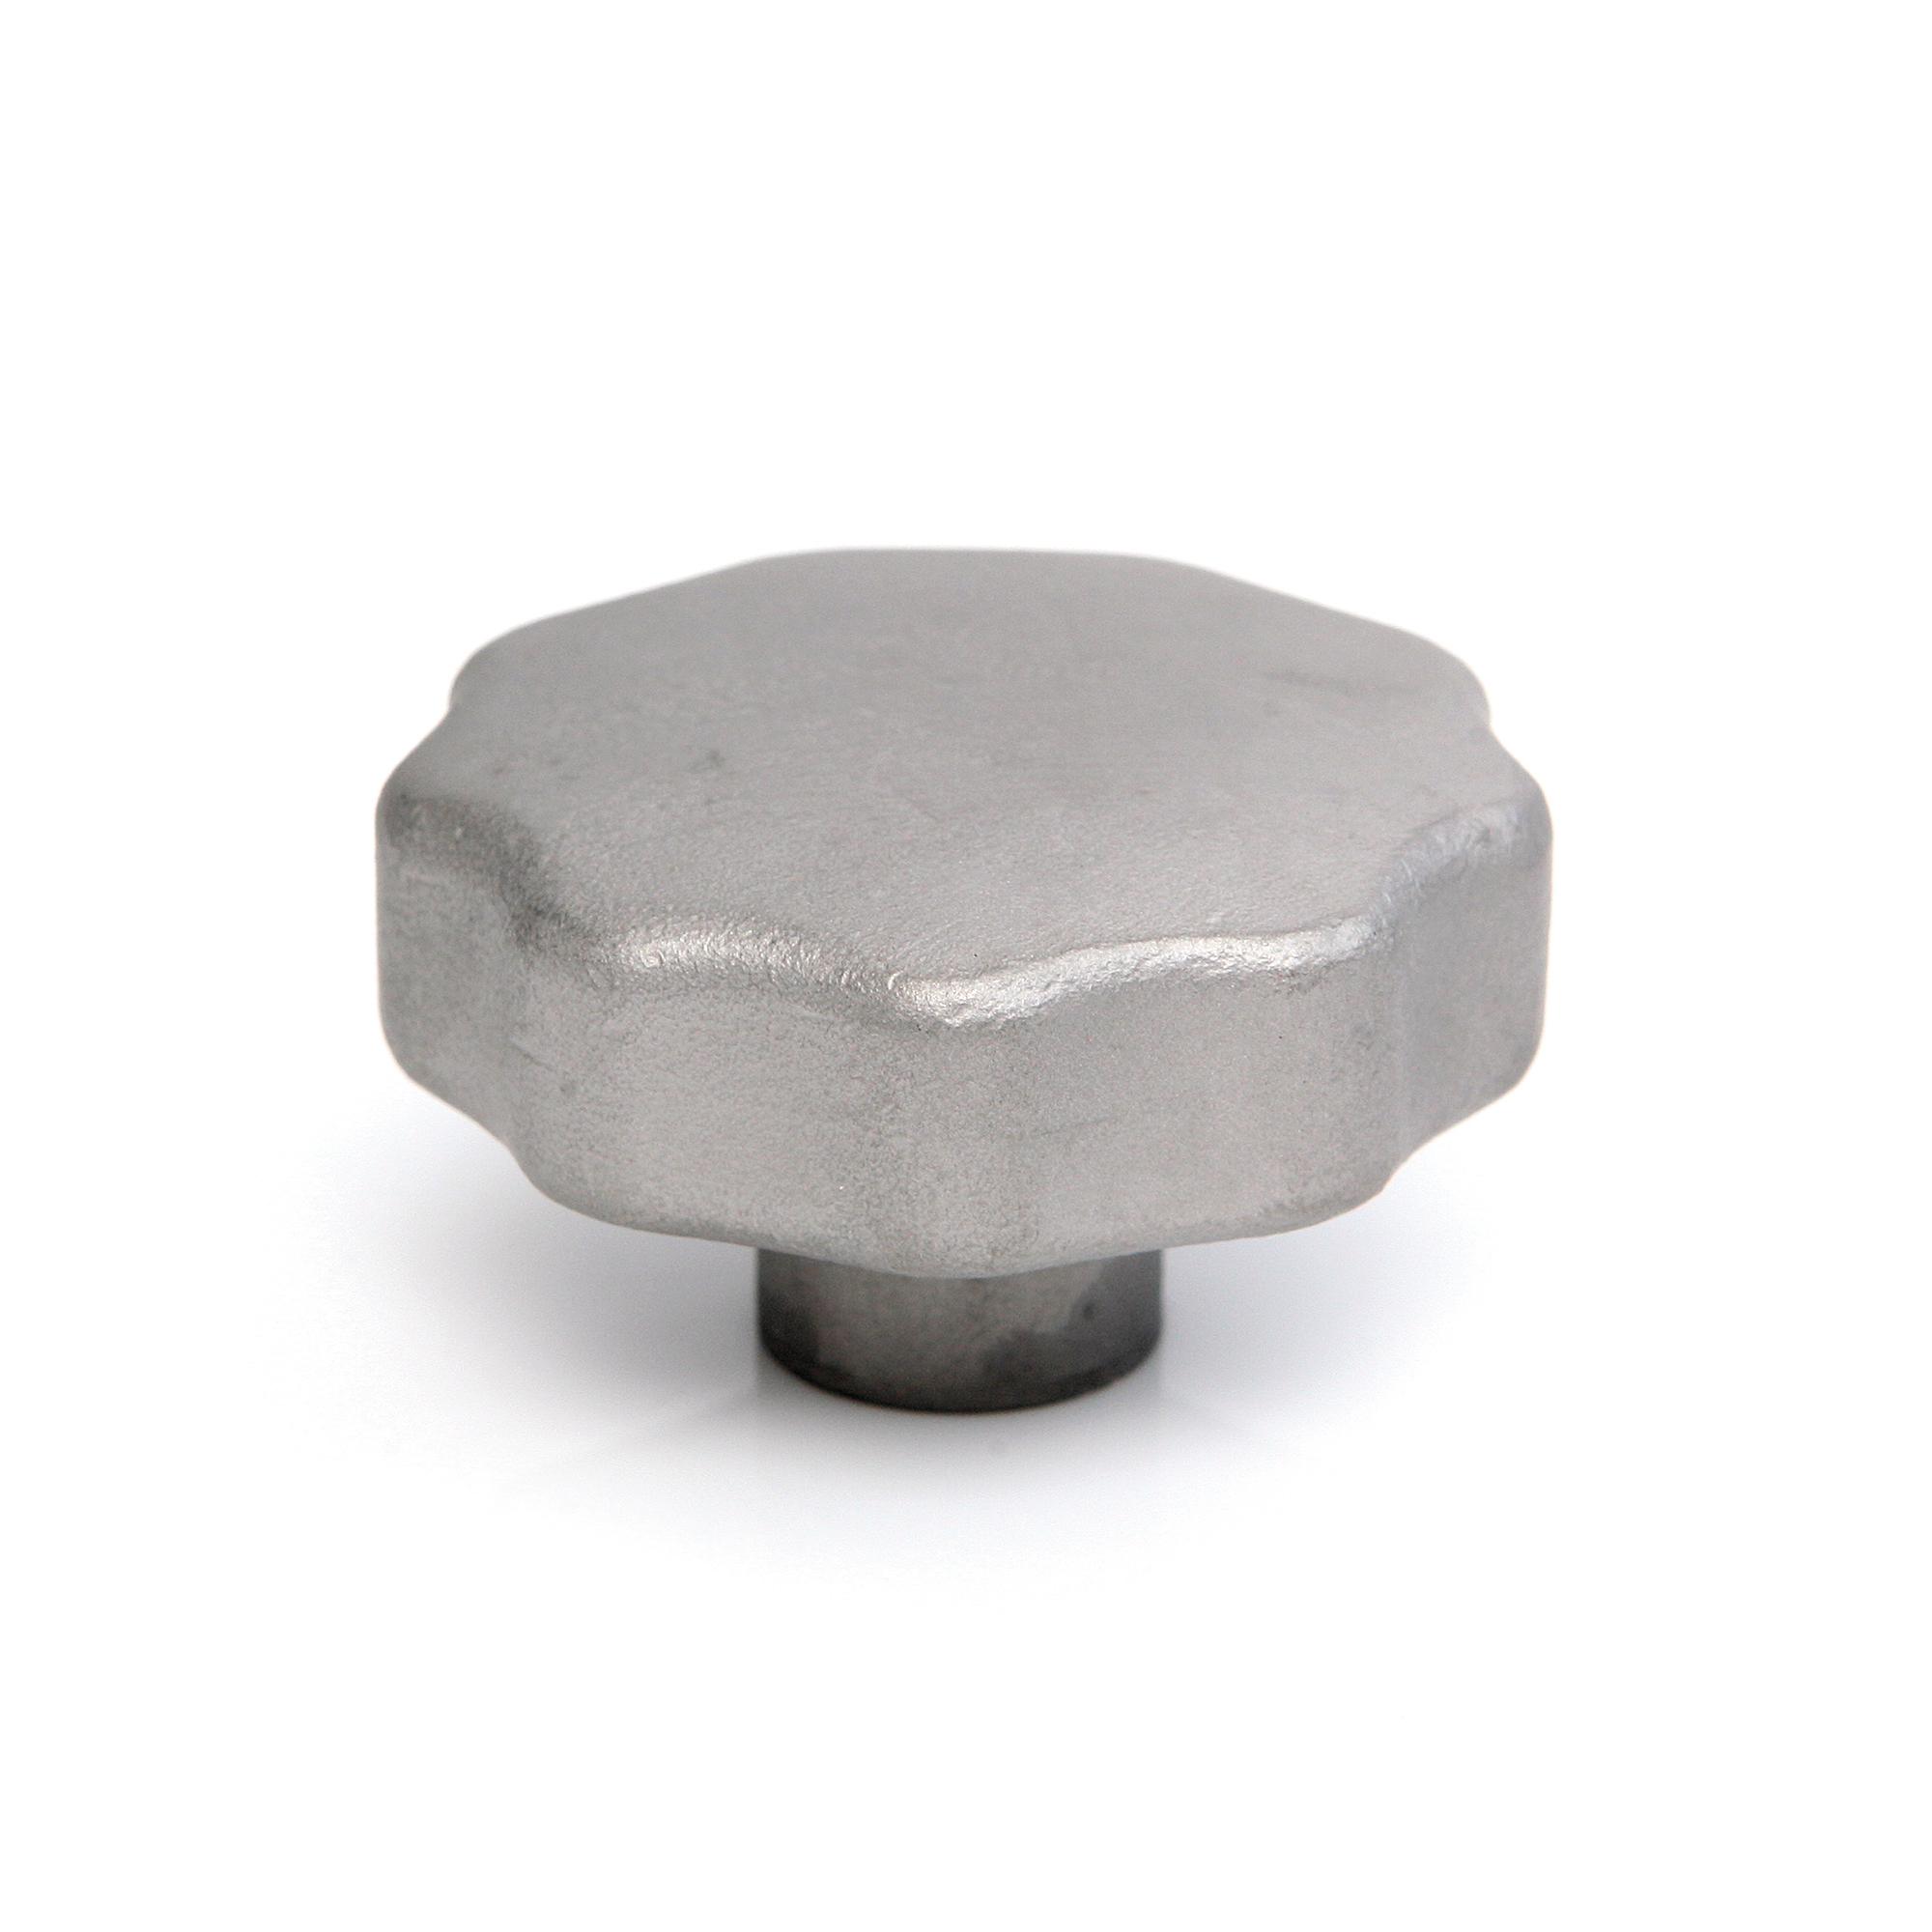 Stainless Steel Handwheels